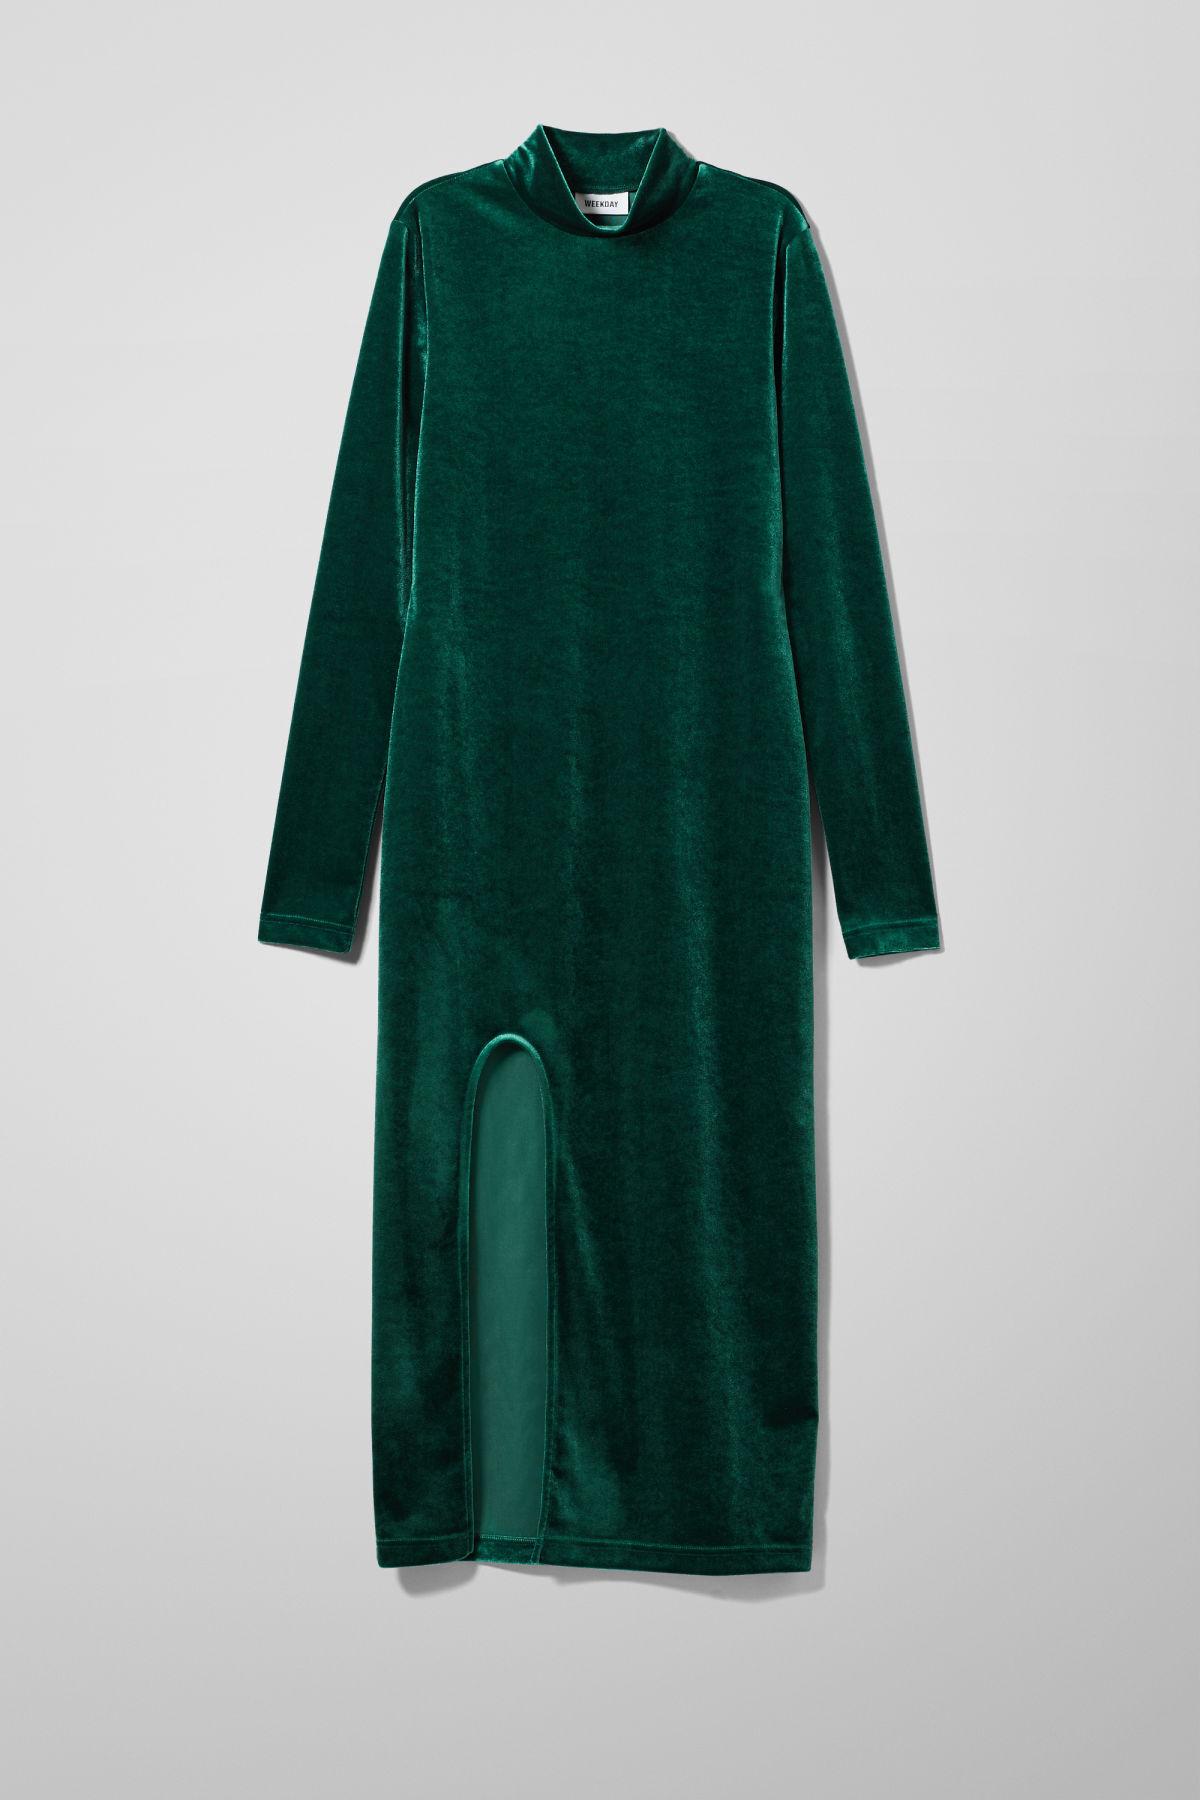 Image of Bonita Velvet Dress - Green-XS